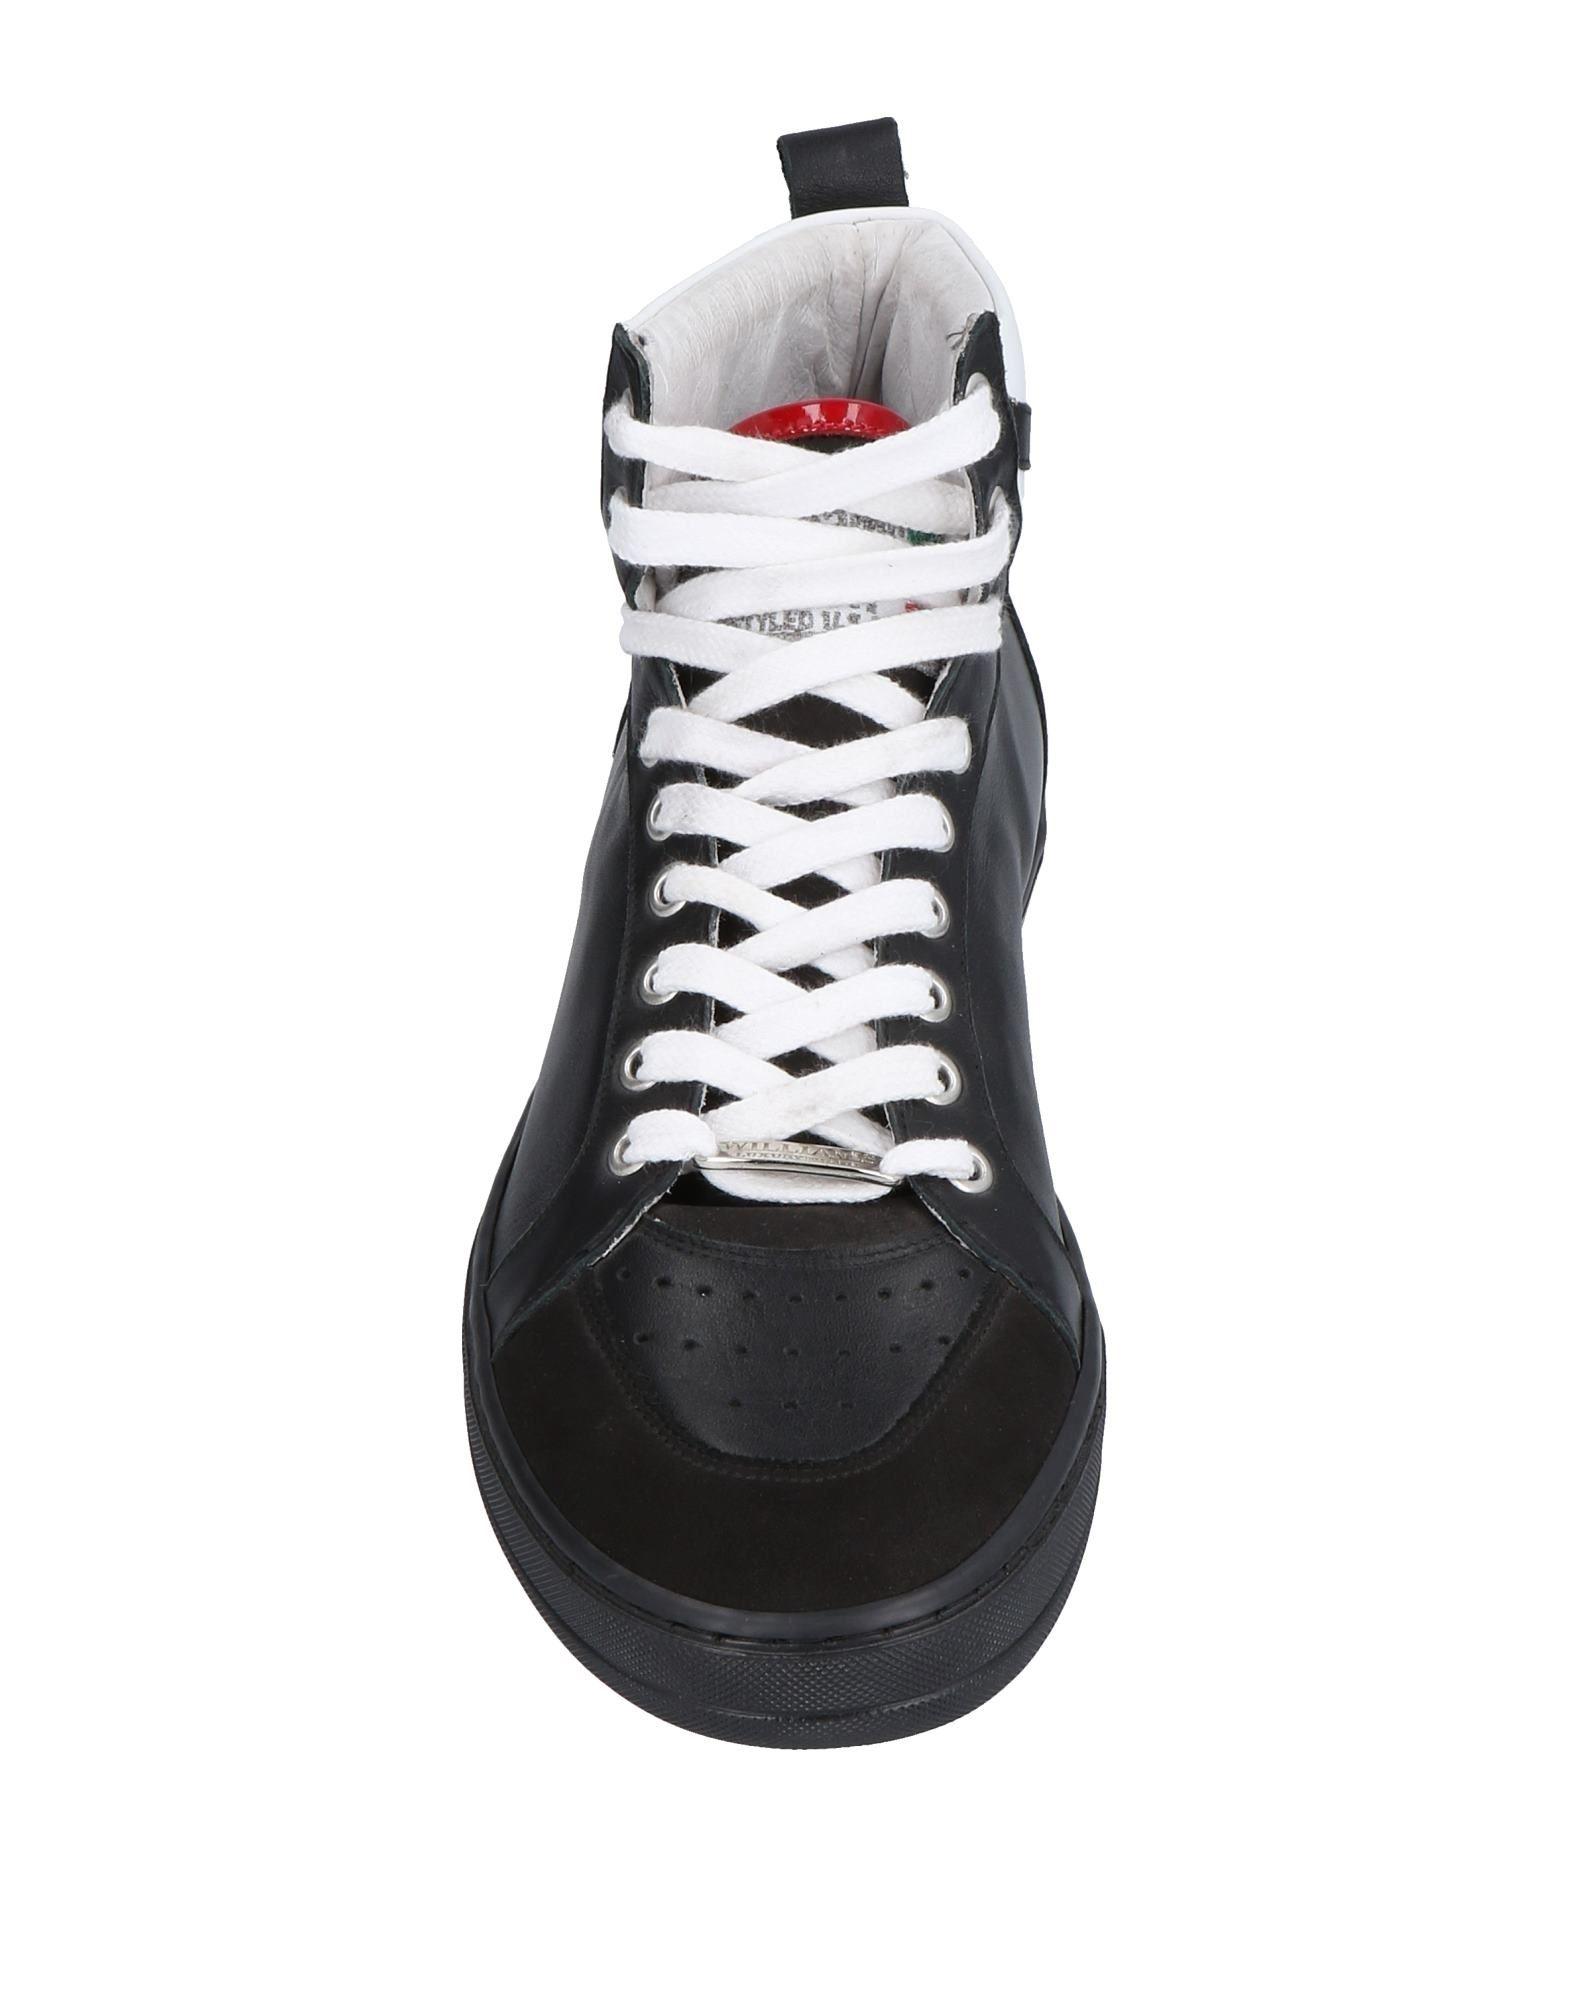 Williams Wilson Sneakers  Herren  Sneakers 11500423BQ fbbfcf